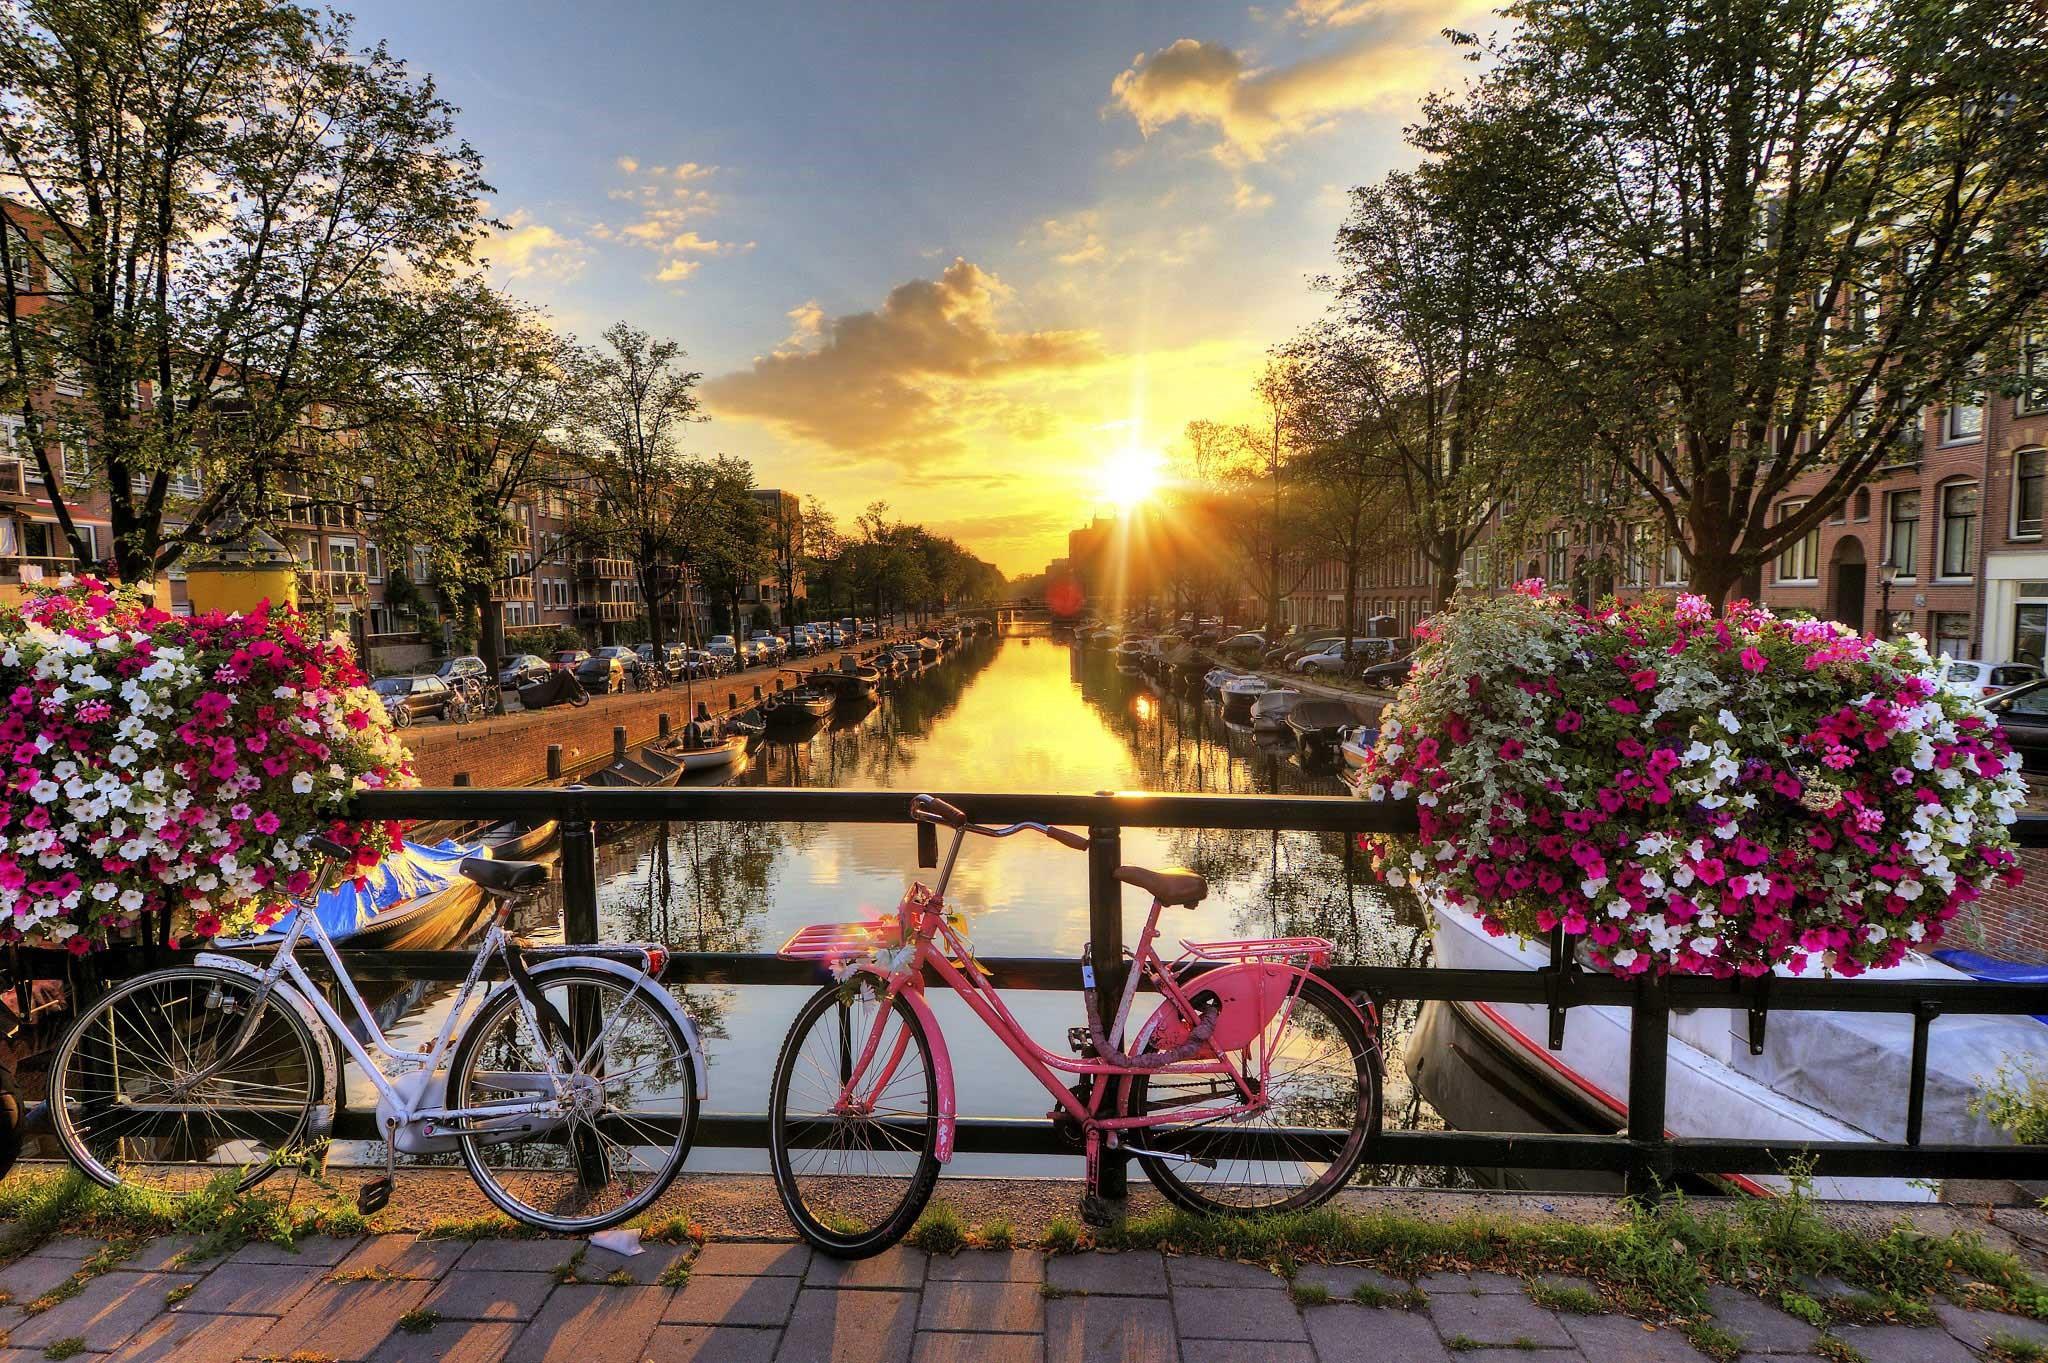 viagem lua de mel Amsterdã – Holanda